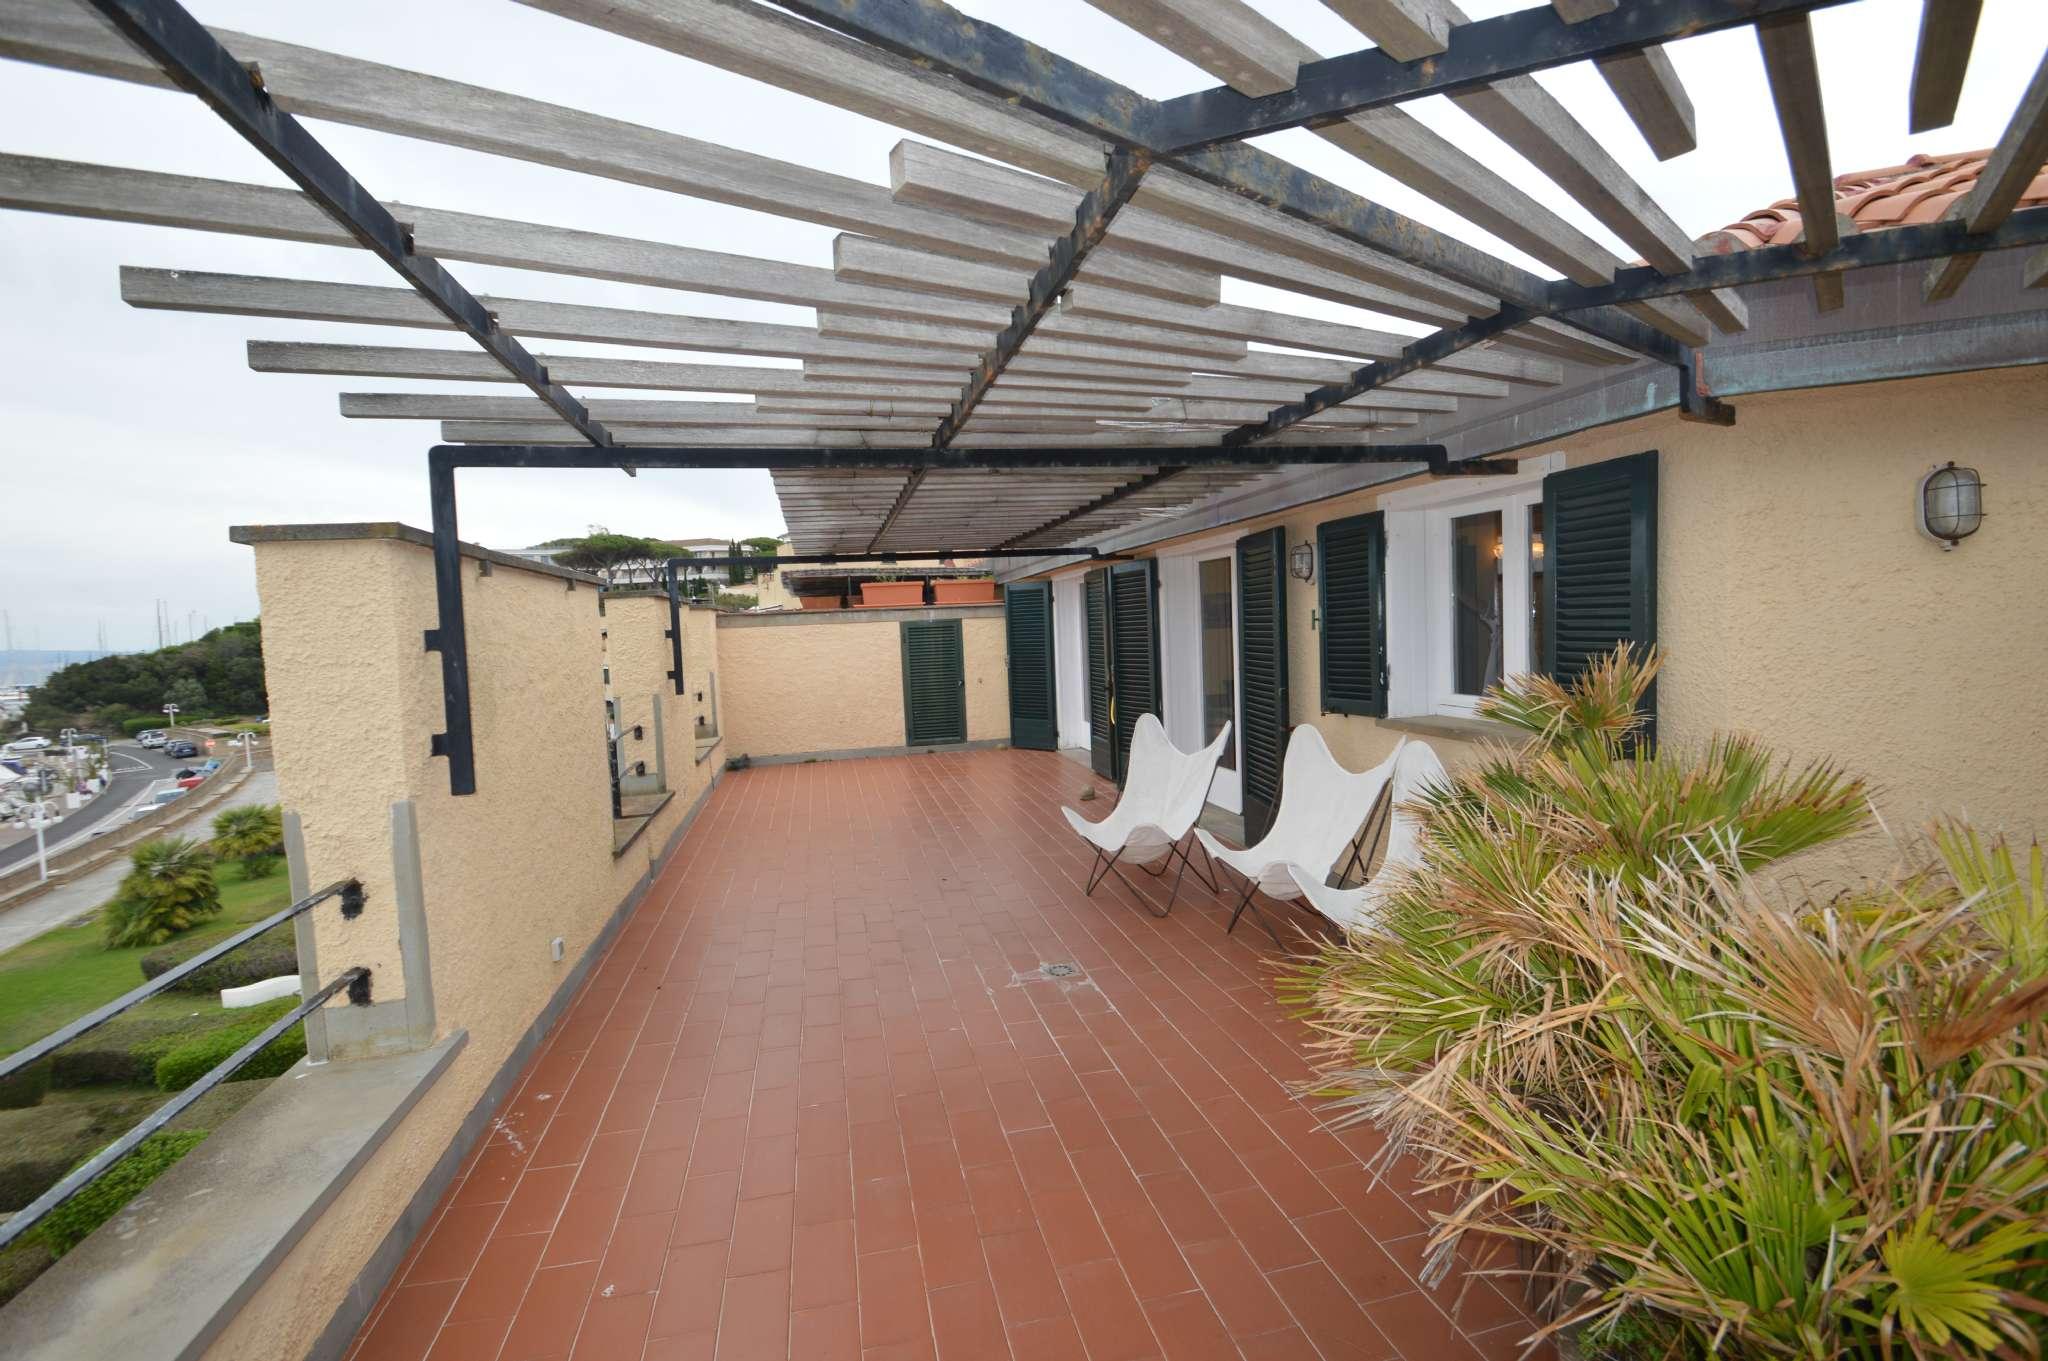 Attico / Mansarda in vendita a Castiglione della Pescaia, 6 locali, prezzo € 1.380.000 | PortaleAgenzieImmobiliari.it